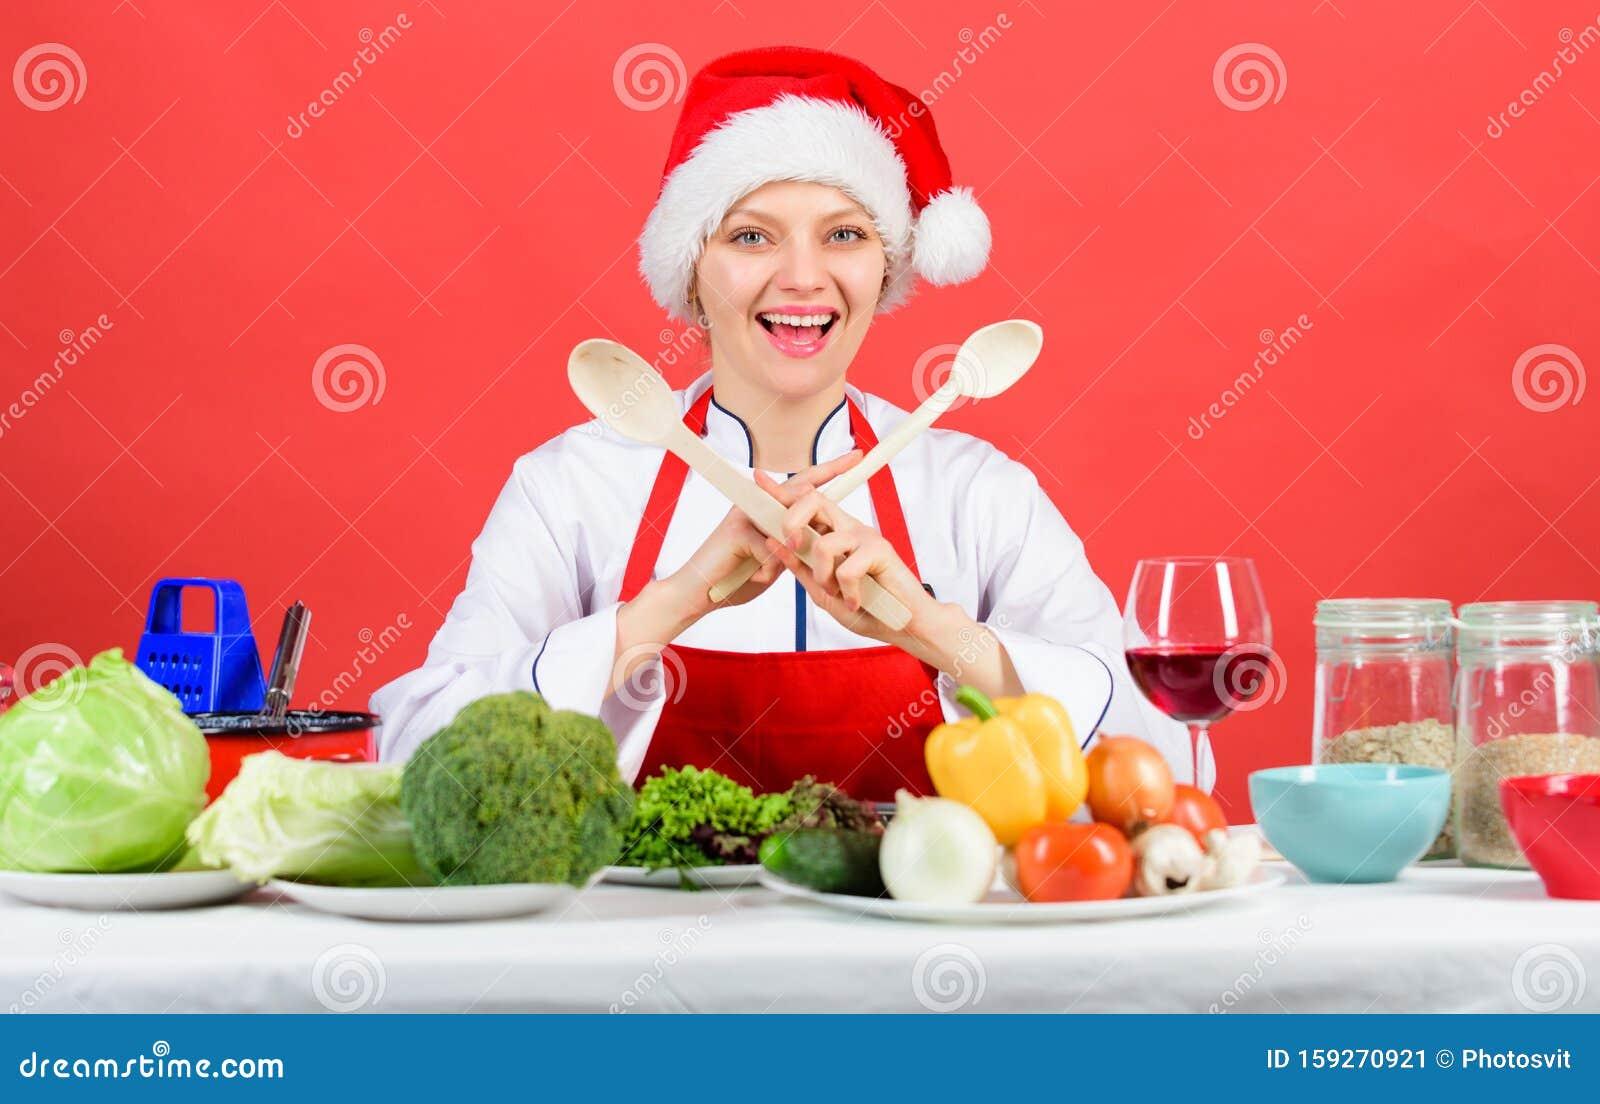 Try Main Meal Christmas Dinner Idea Easy Ideas For Christmas